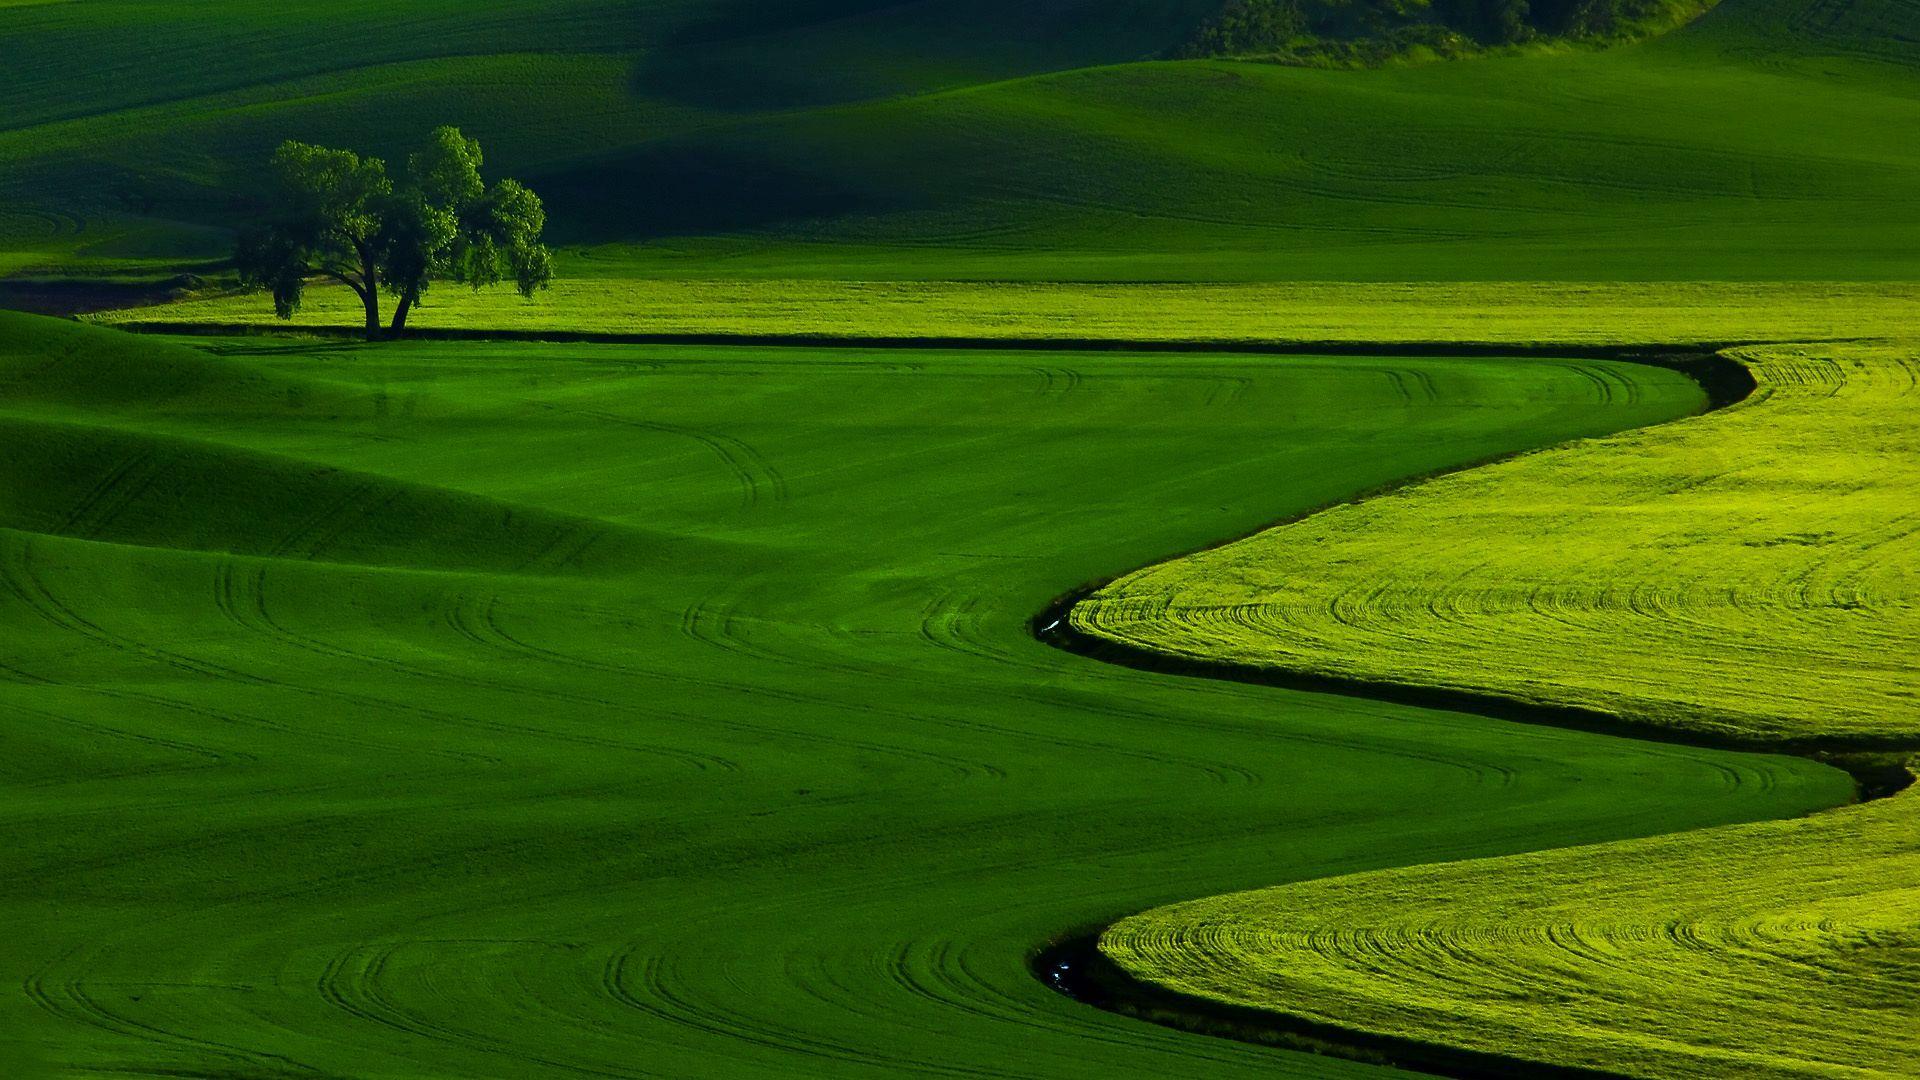 Hd Wallpaper Nature 1080p Blogua Free Ultra Hd 3840x2160 High Definition Wallpaper Green Nature Wallpaper Green Landscape Beautiful Landscape Photography